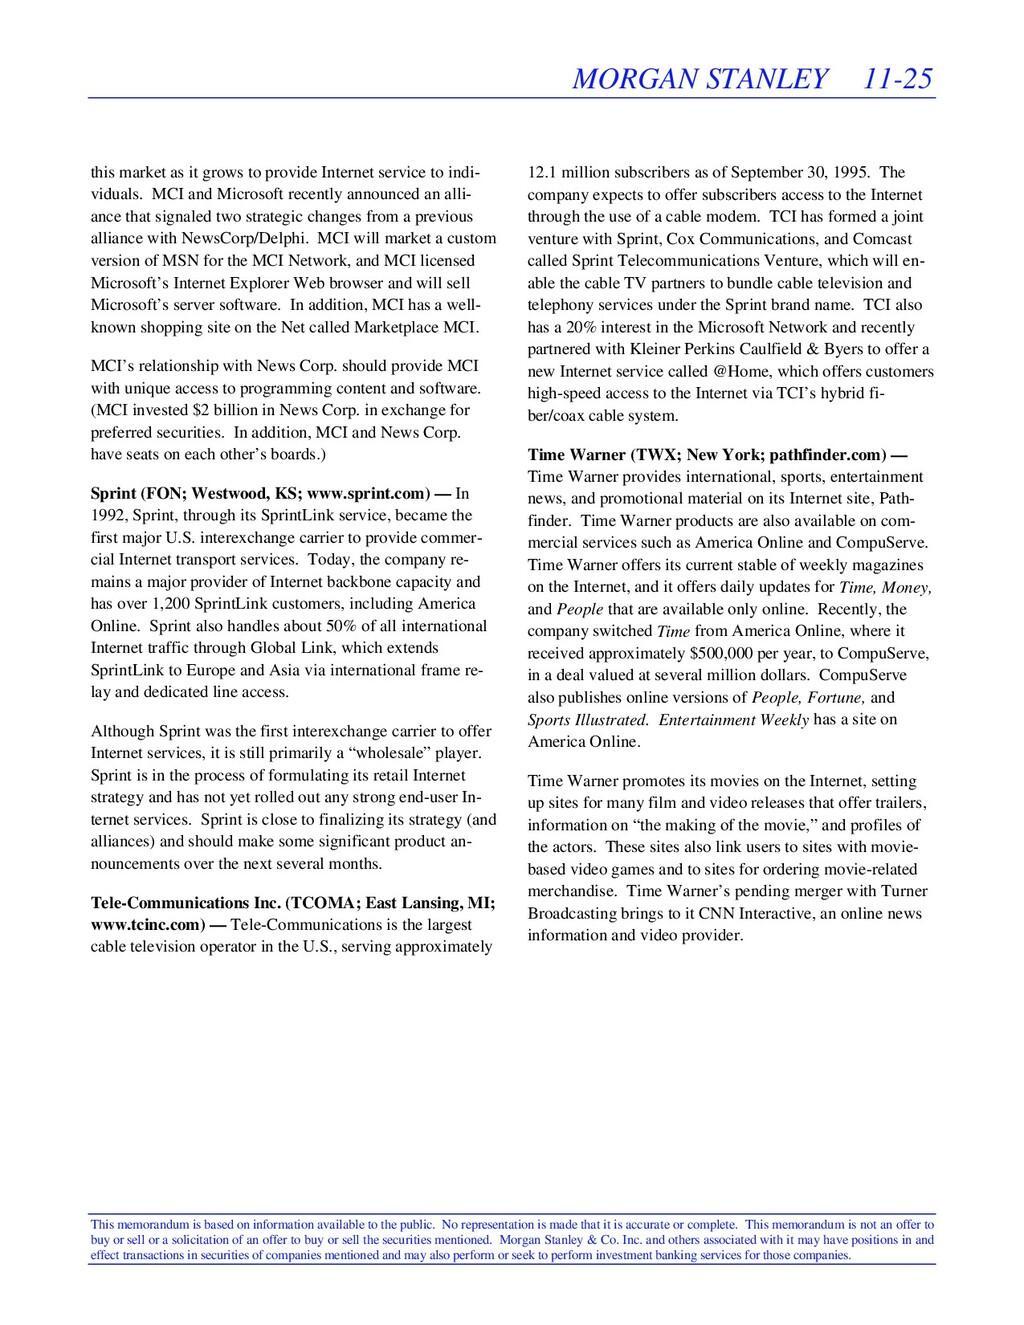 MORGAN STANLEY 11-25 This memorandum is based o...